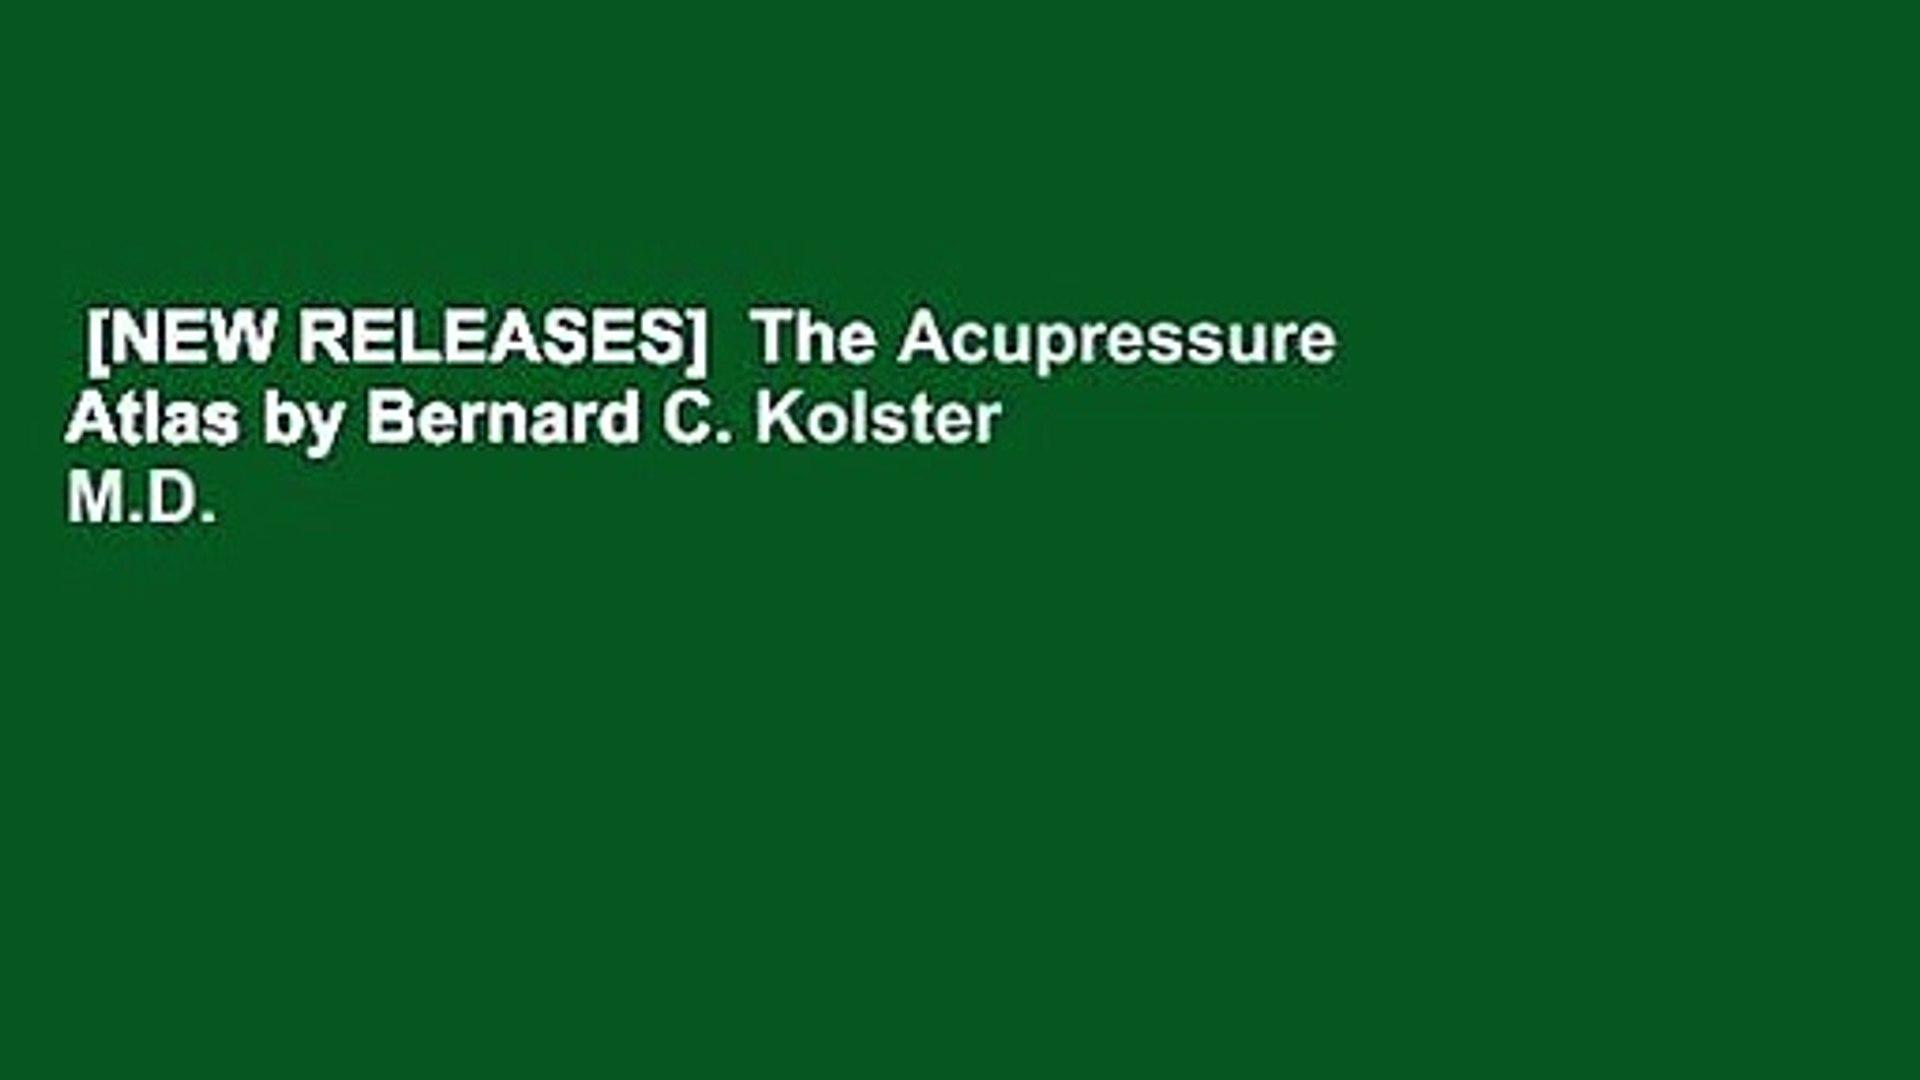 Acupressure Atlas - Acupuncture Acupressure Points